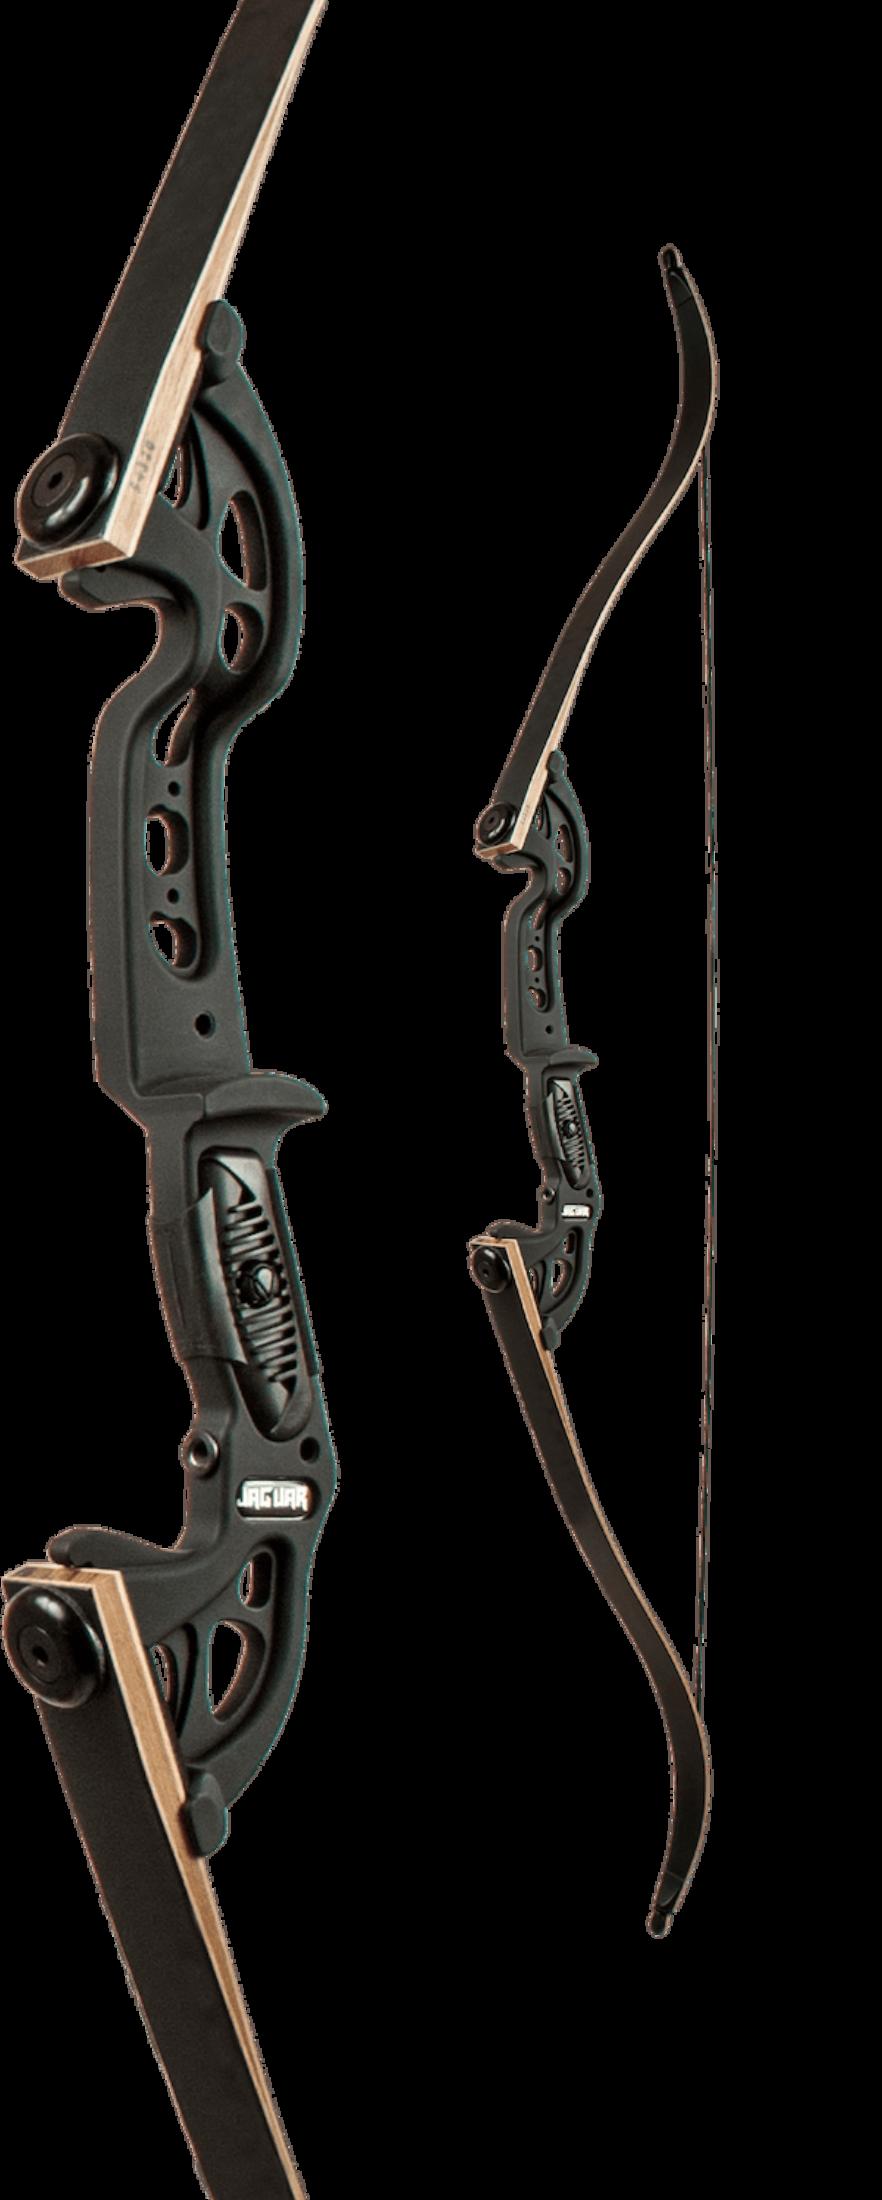 Martin Archery Jaguar Elite Recurve Take Down Bow Take Down Bow Archery Martin Archery